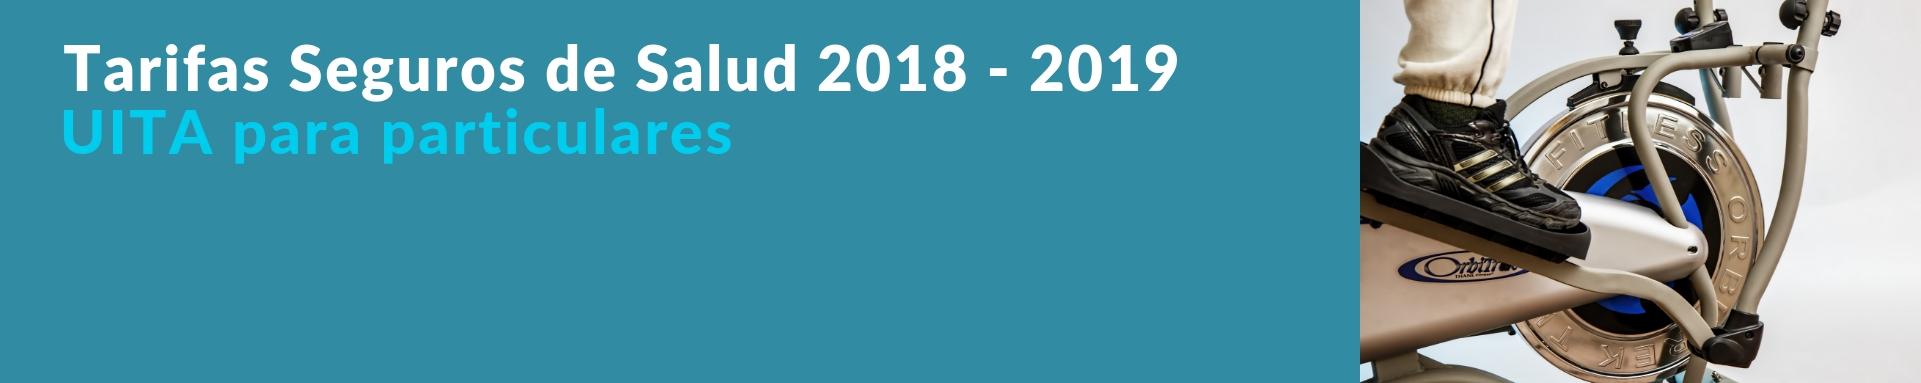 Seguro UITA Particulares Hover 2018-2019(2)